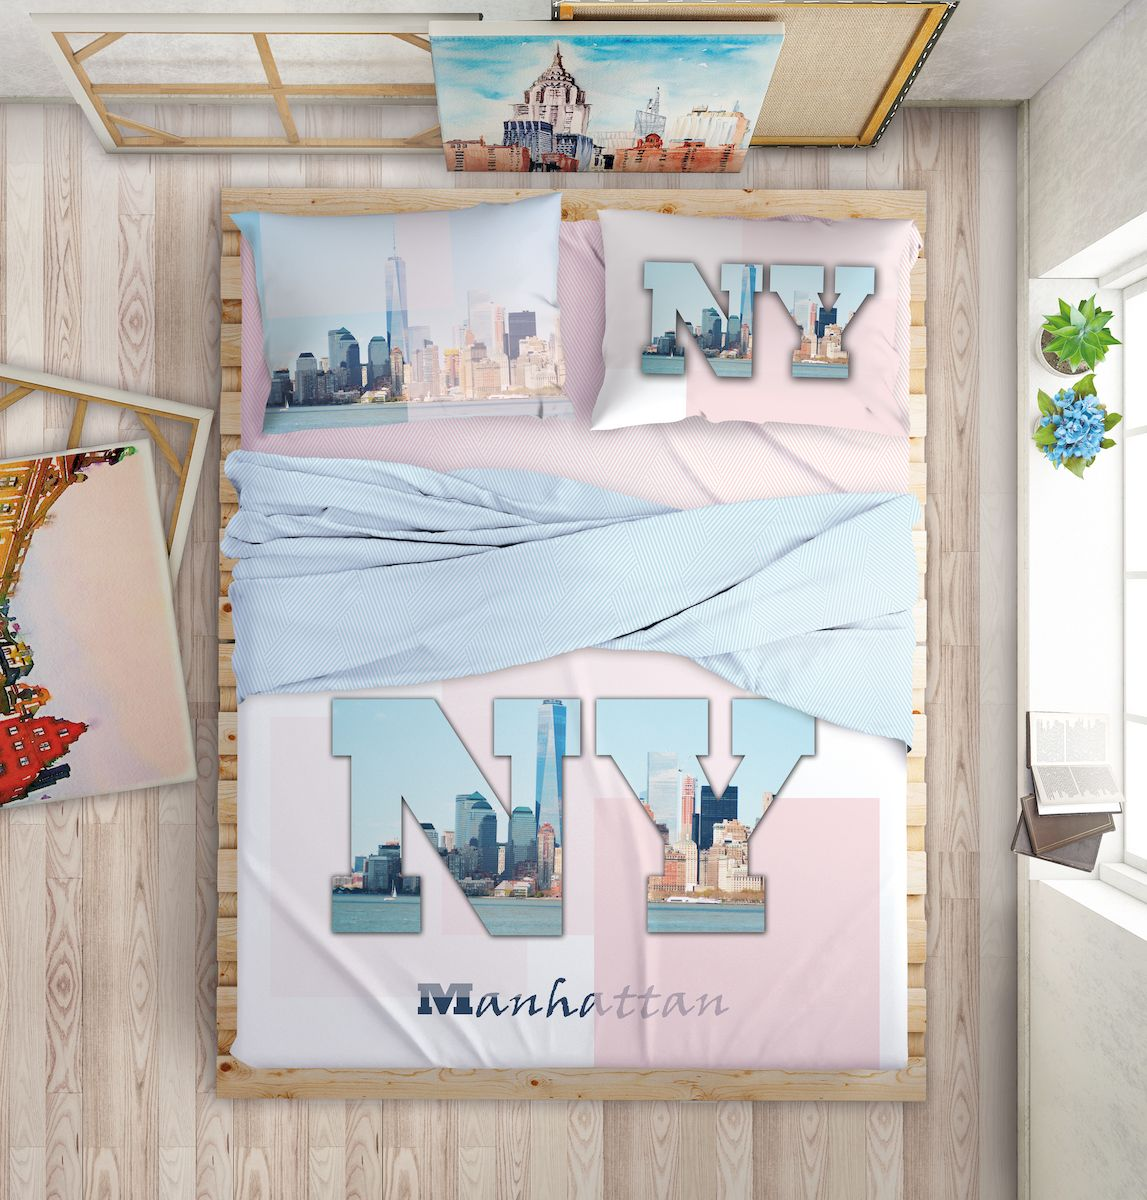 Комплект белья Love Me Manhattan Dreams, евро, наволочки 50х70, 70х70, цвет: голубой комплект белья love me london евро наволочки 50х70 70х70 711085